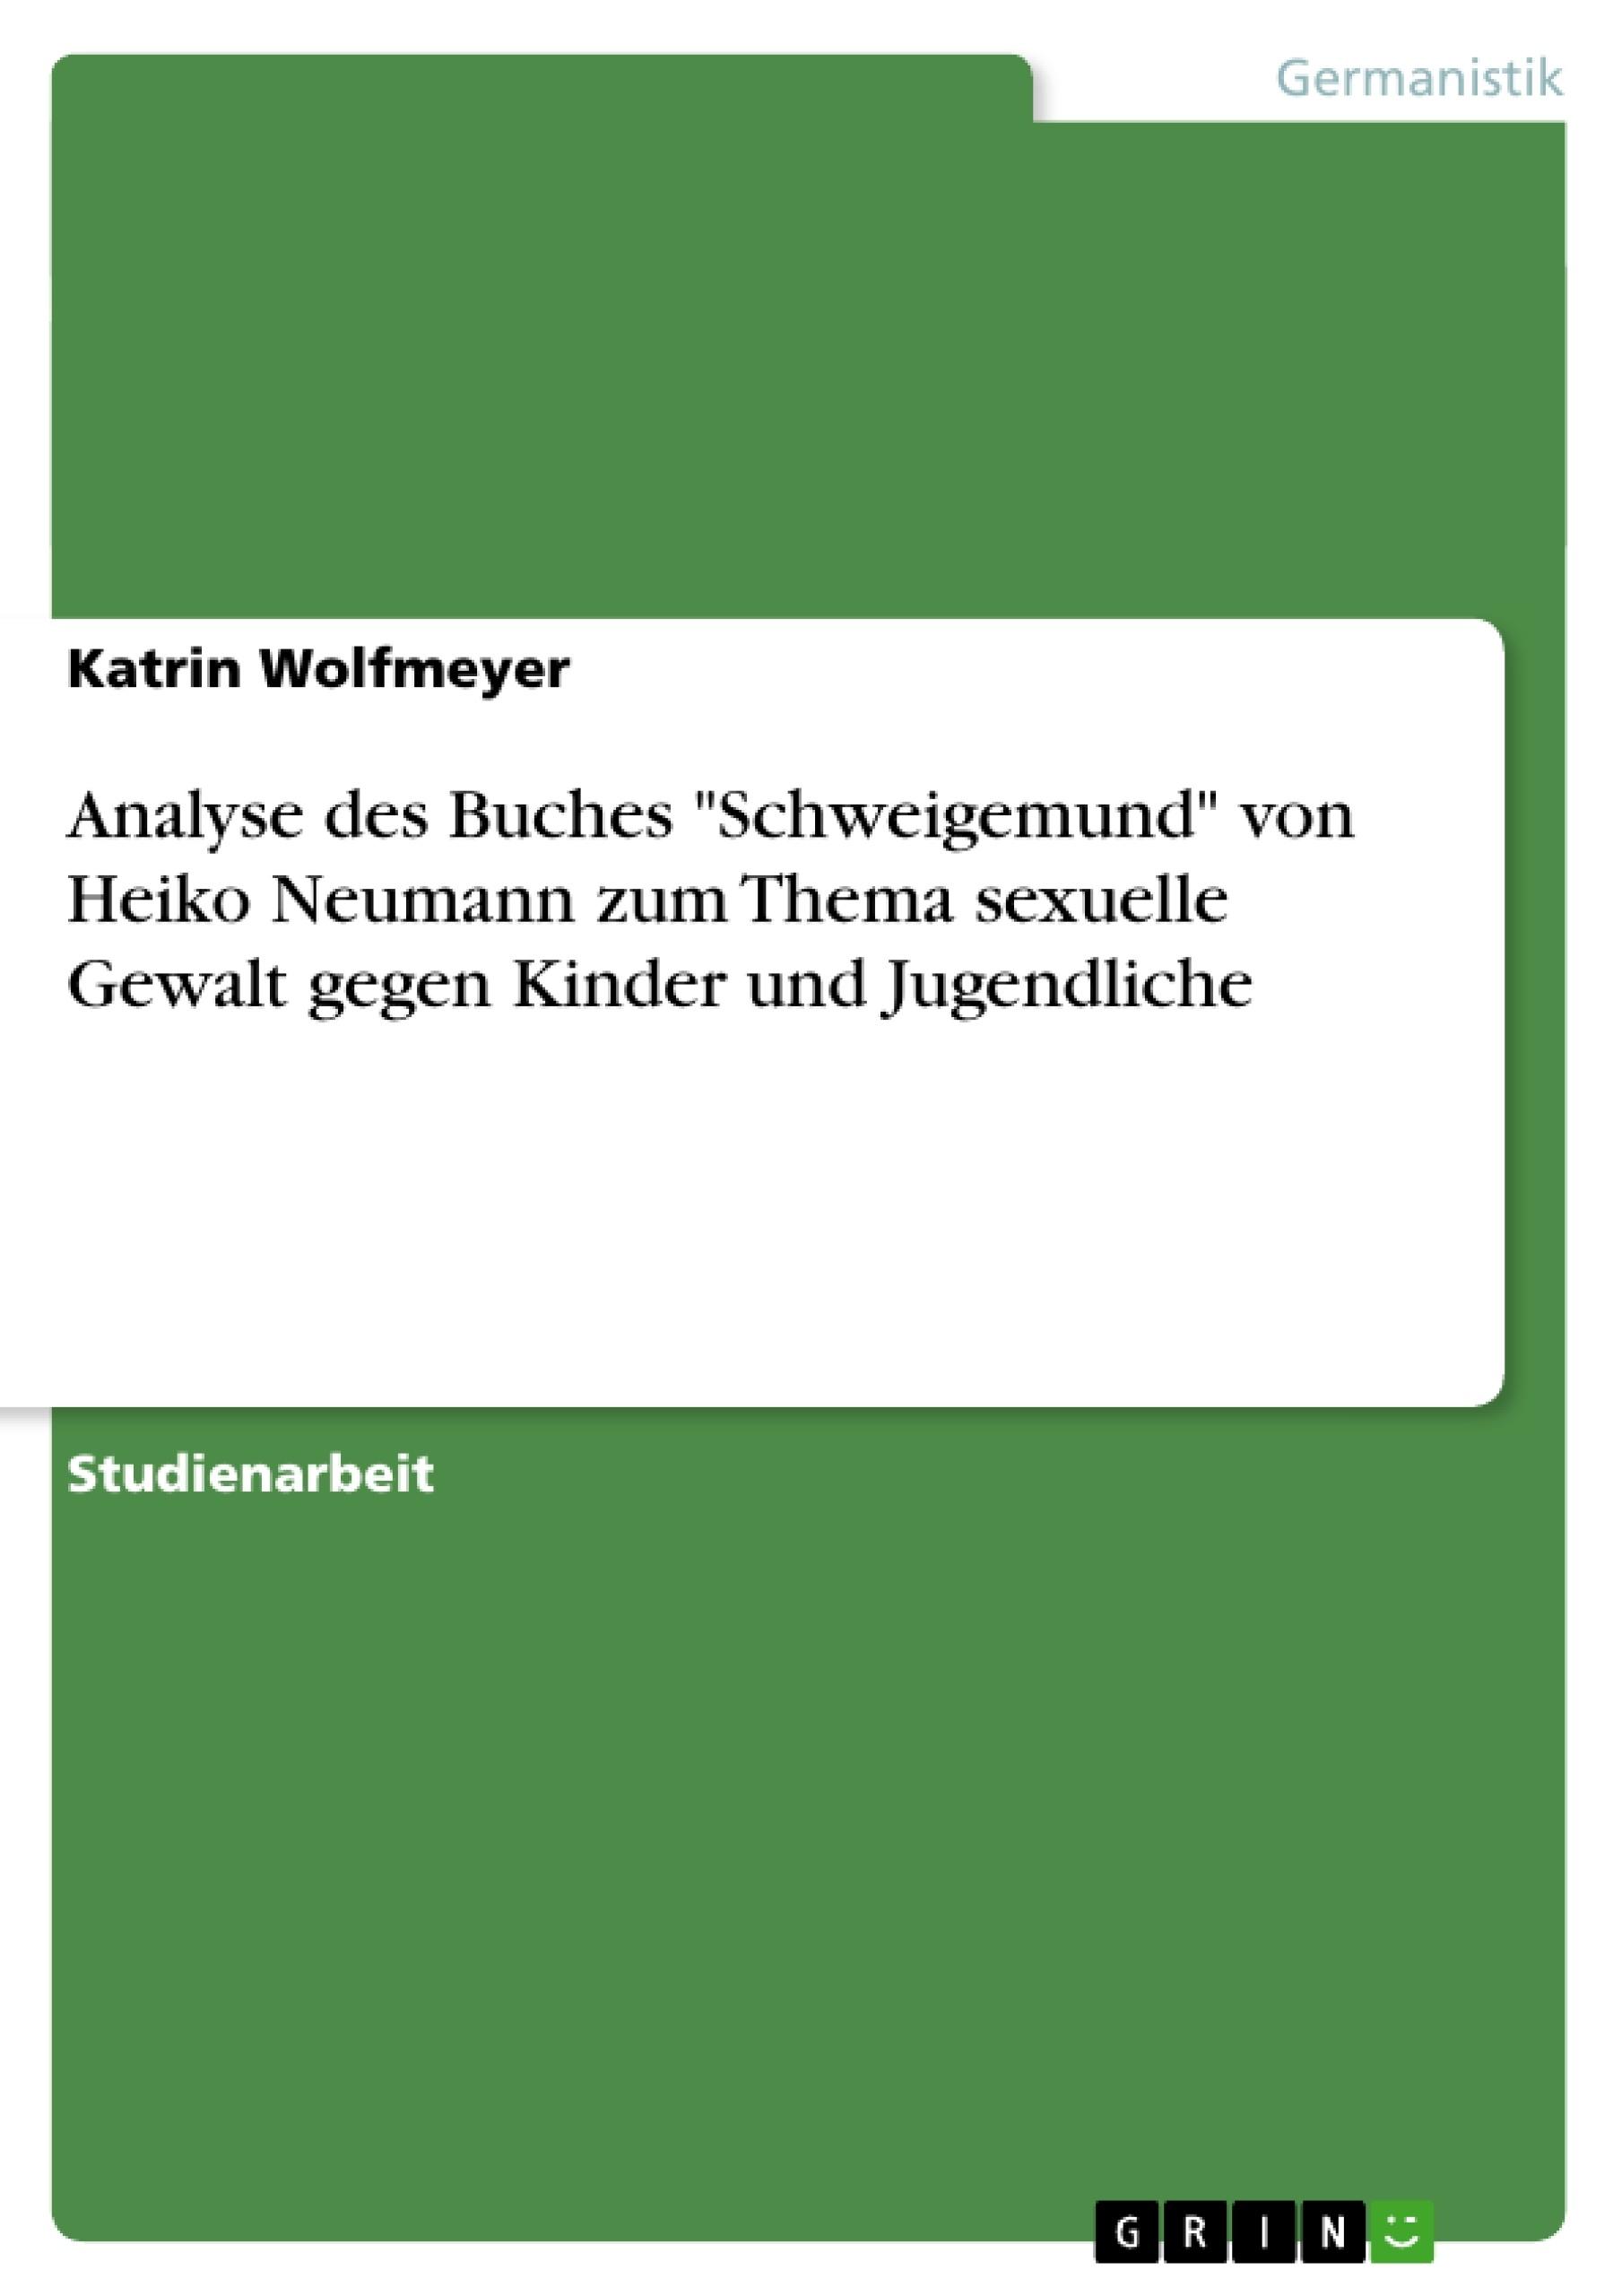 """Titel: Analyse des Buches """"Schweigemund"""" von Heiko Neumann zum Thema sexuelle Gewalt gegen Kinder und Jugendliche"""